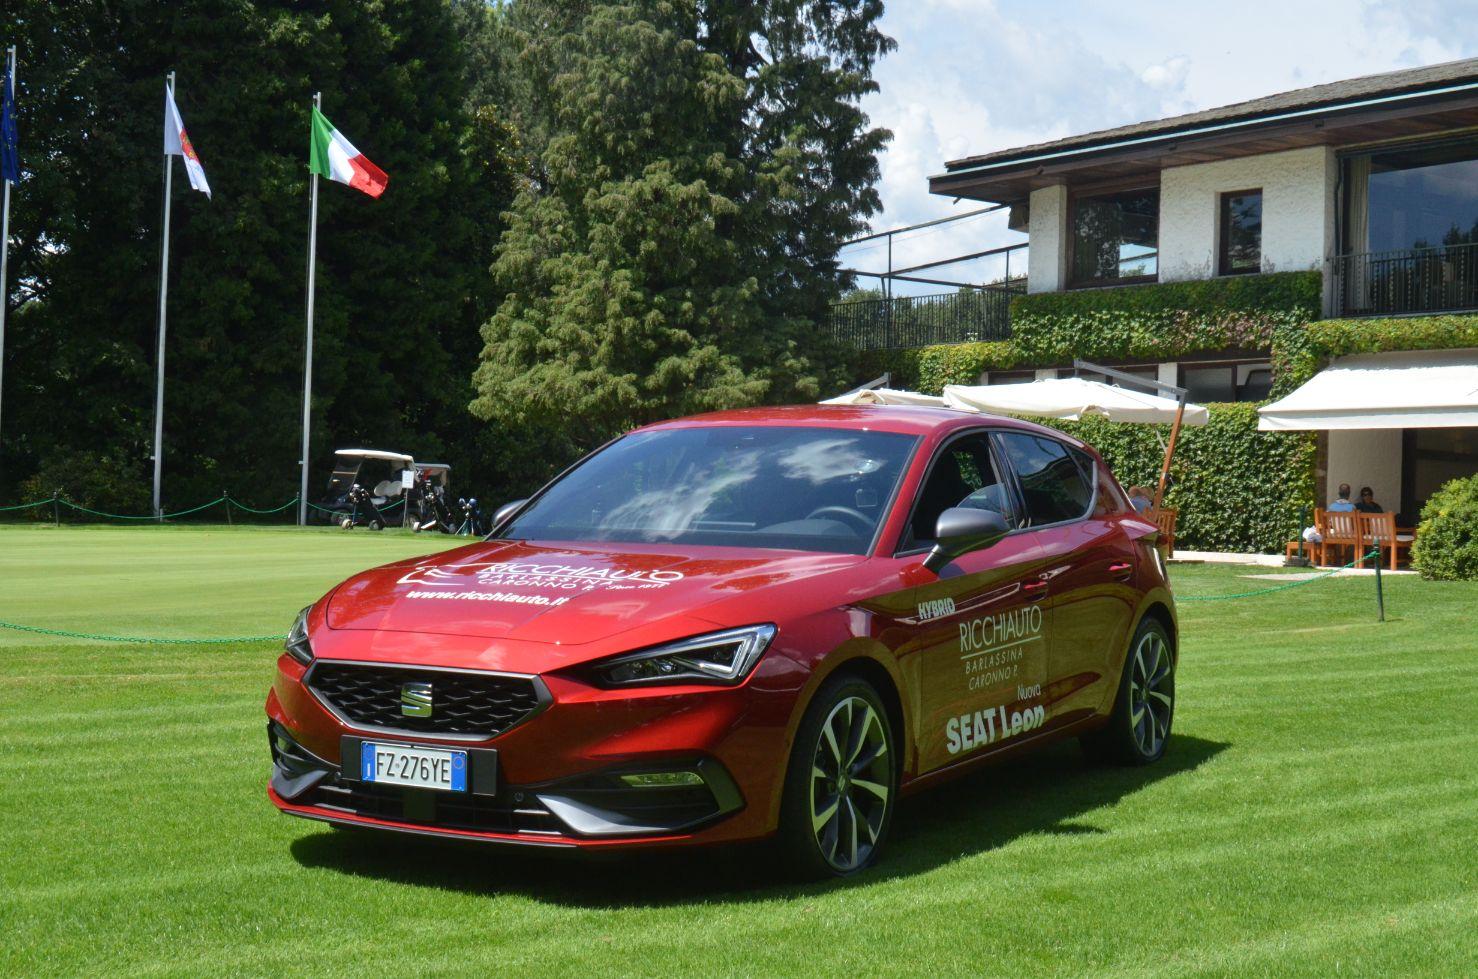 Seat Nuova Leon 1.5 eTSI 150 CV Ricchi Auto Caronno Pertusella